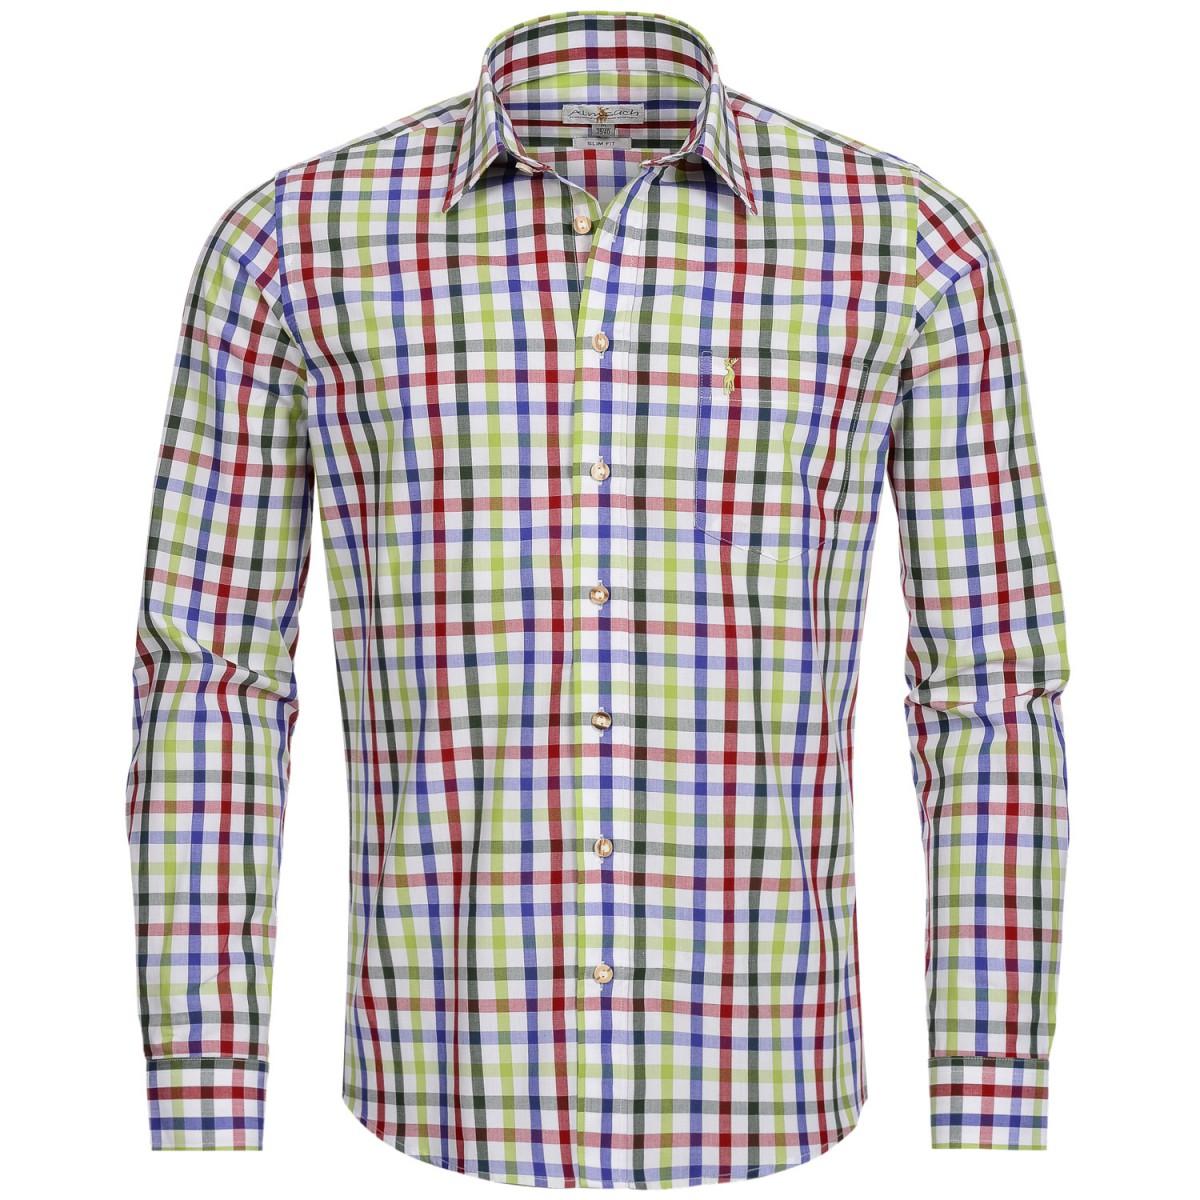 Buntes Trachtenhemd von Almsach